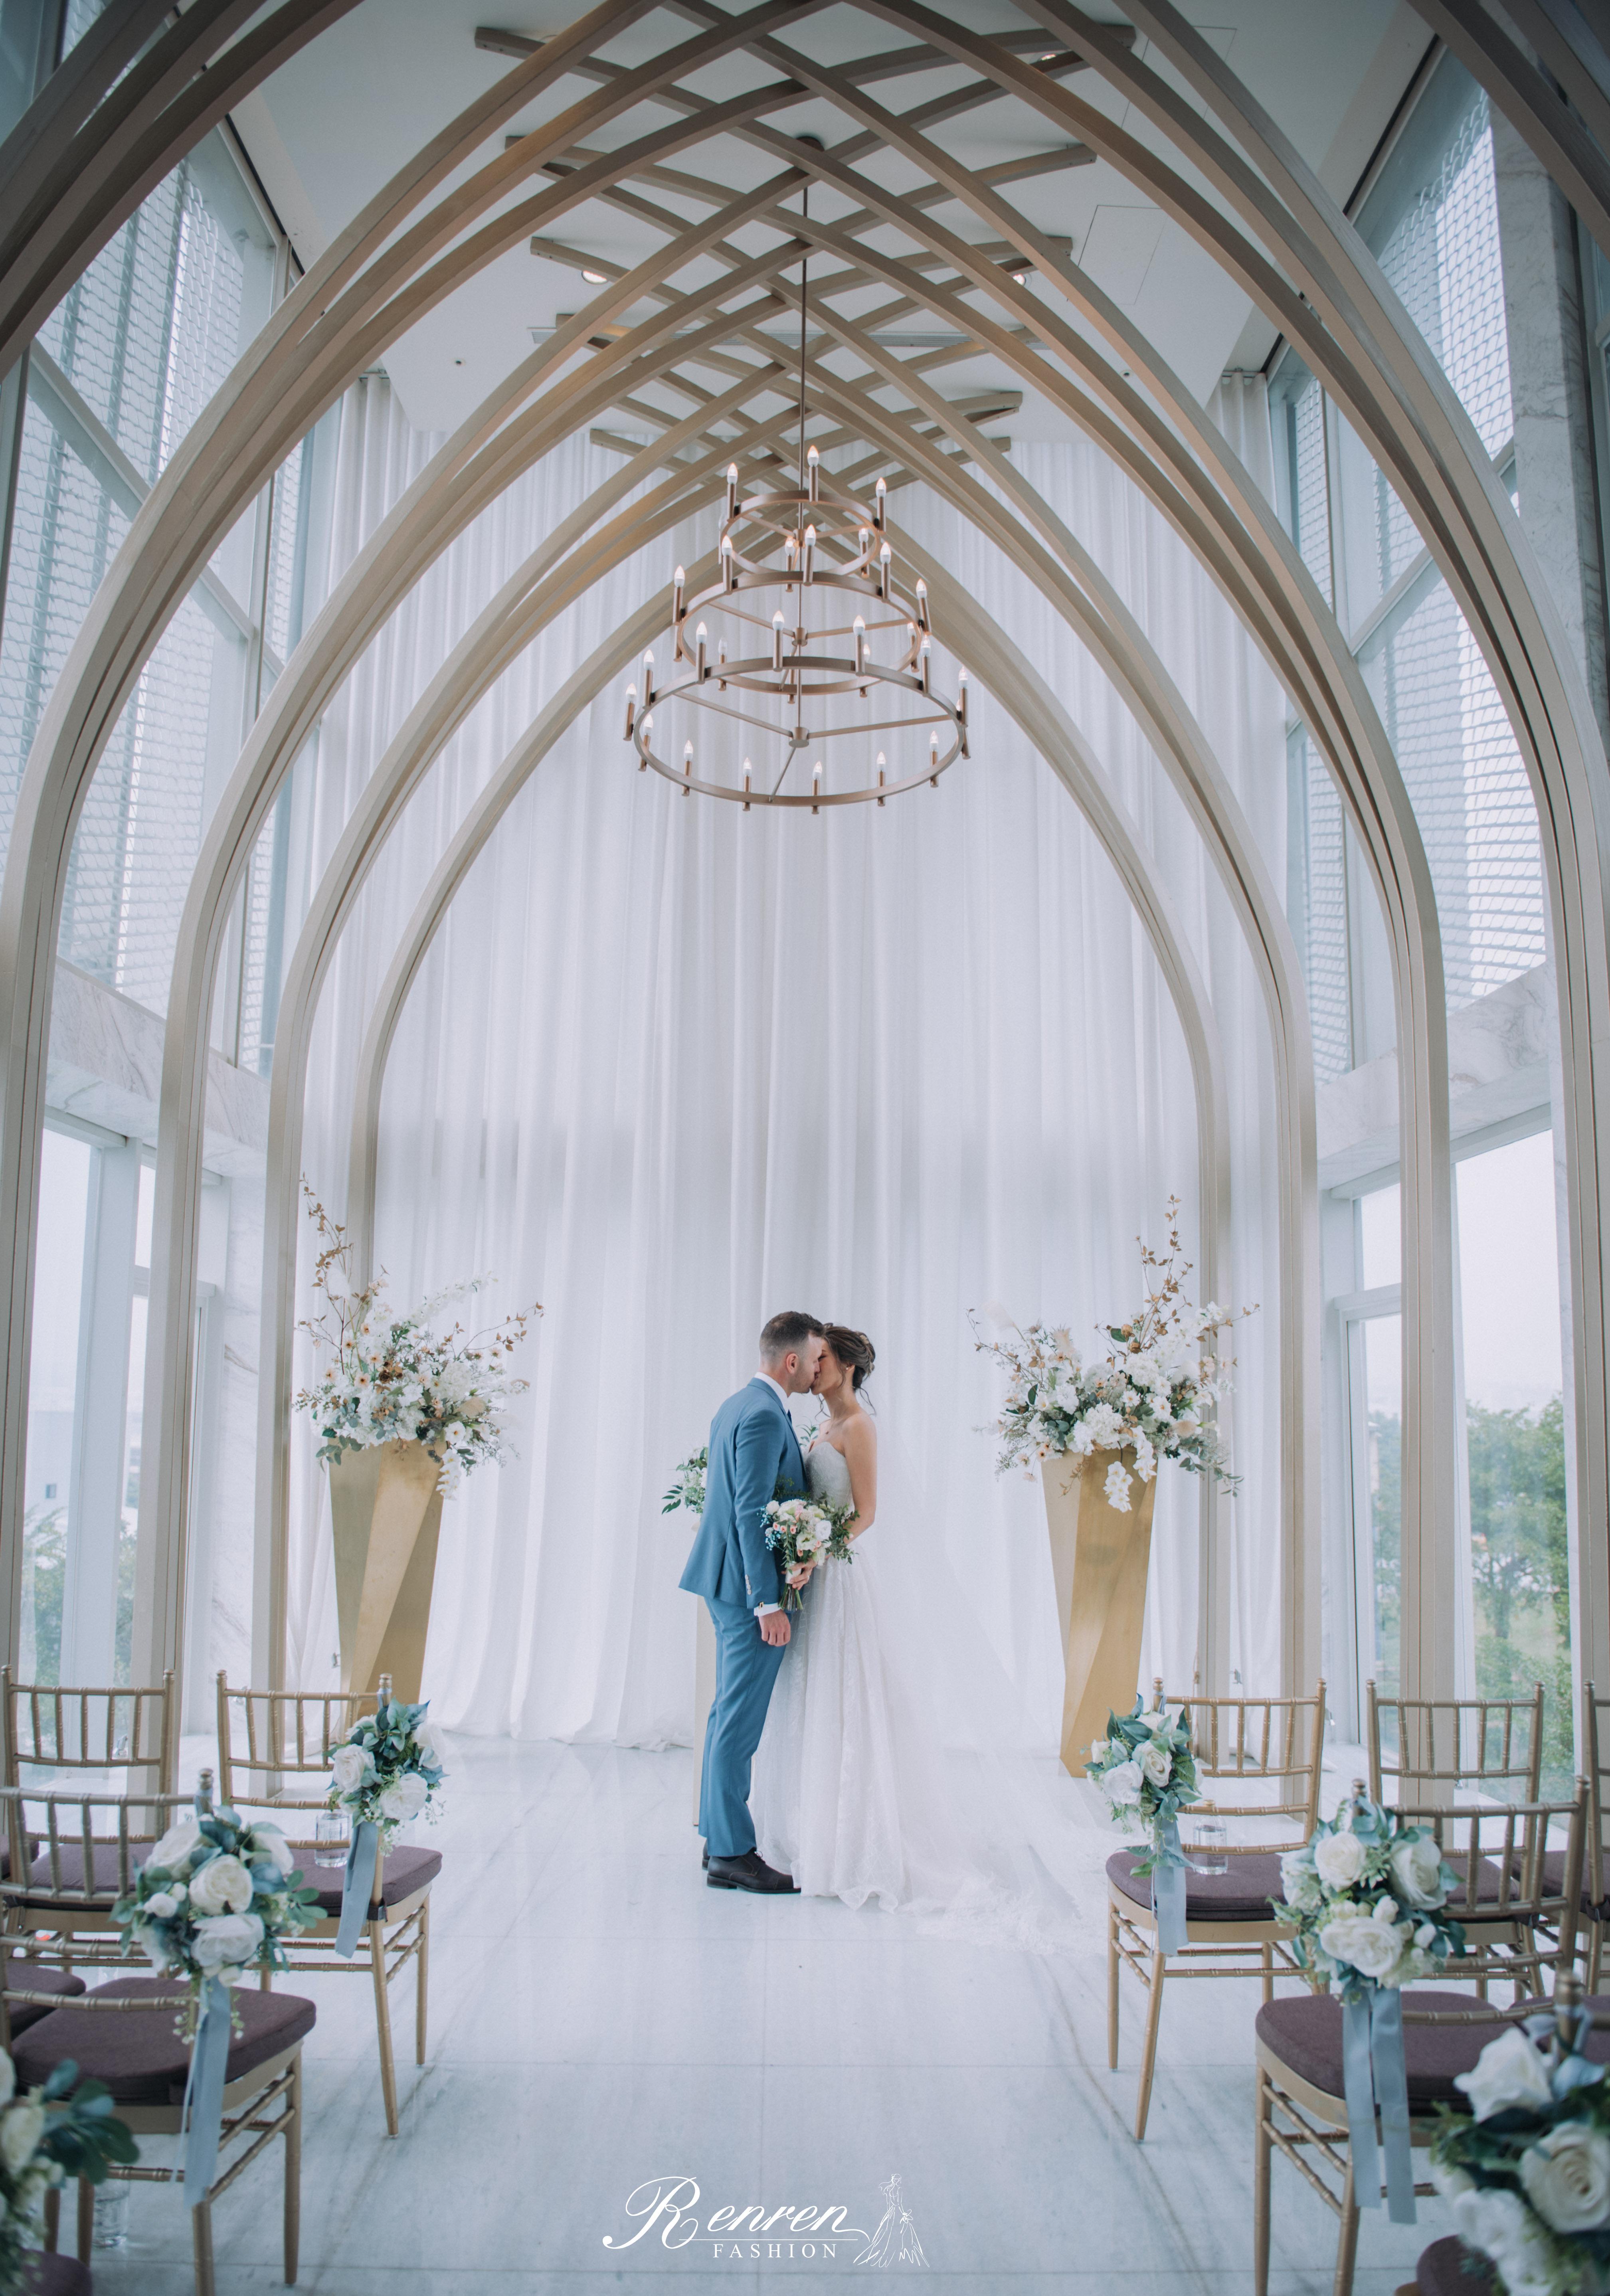 冉冉婚紗-萊特薇庭-台中婚禮紀錄